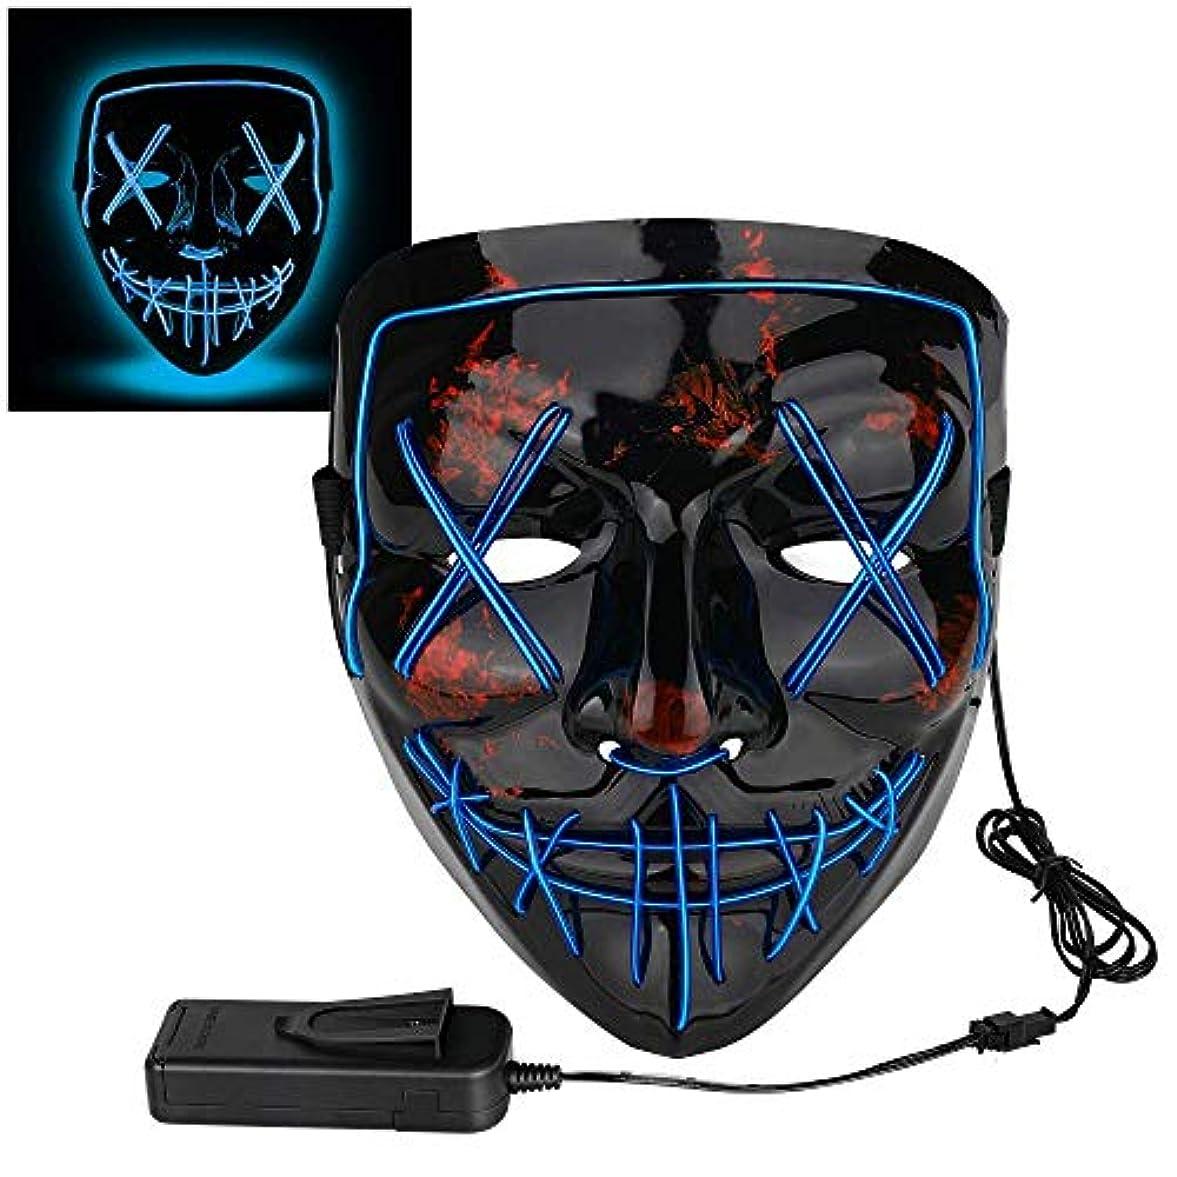 分割魔術試してみる休日のロールプレイングハロウィーンコスチュームパーティーマスク(1個)の明確な選挙の時代から、暗闇で輝くロールプレイングLEDライトマスク、衣料品,Blue